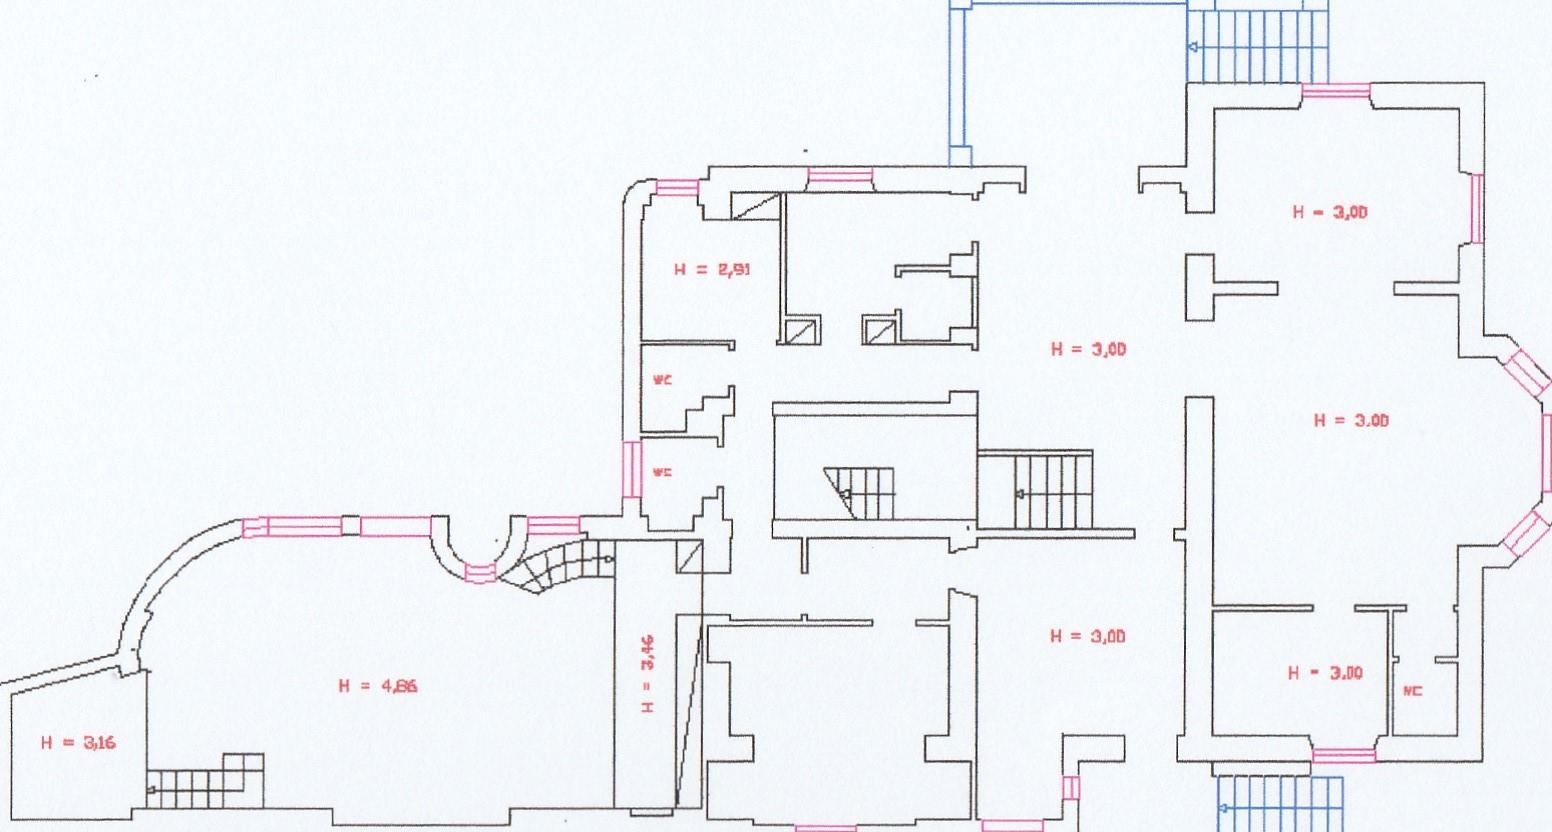 Planimetria piano primo rialzato gds immobiliare for Planimetrie a un piano aperto